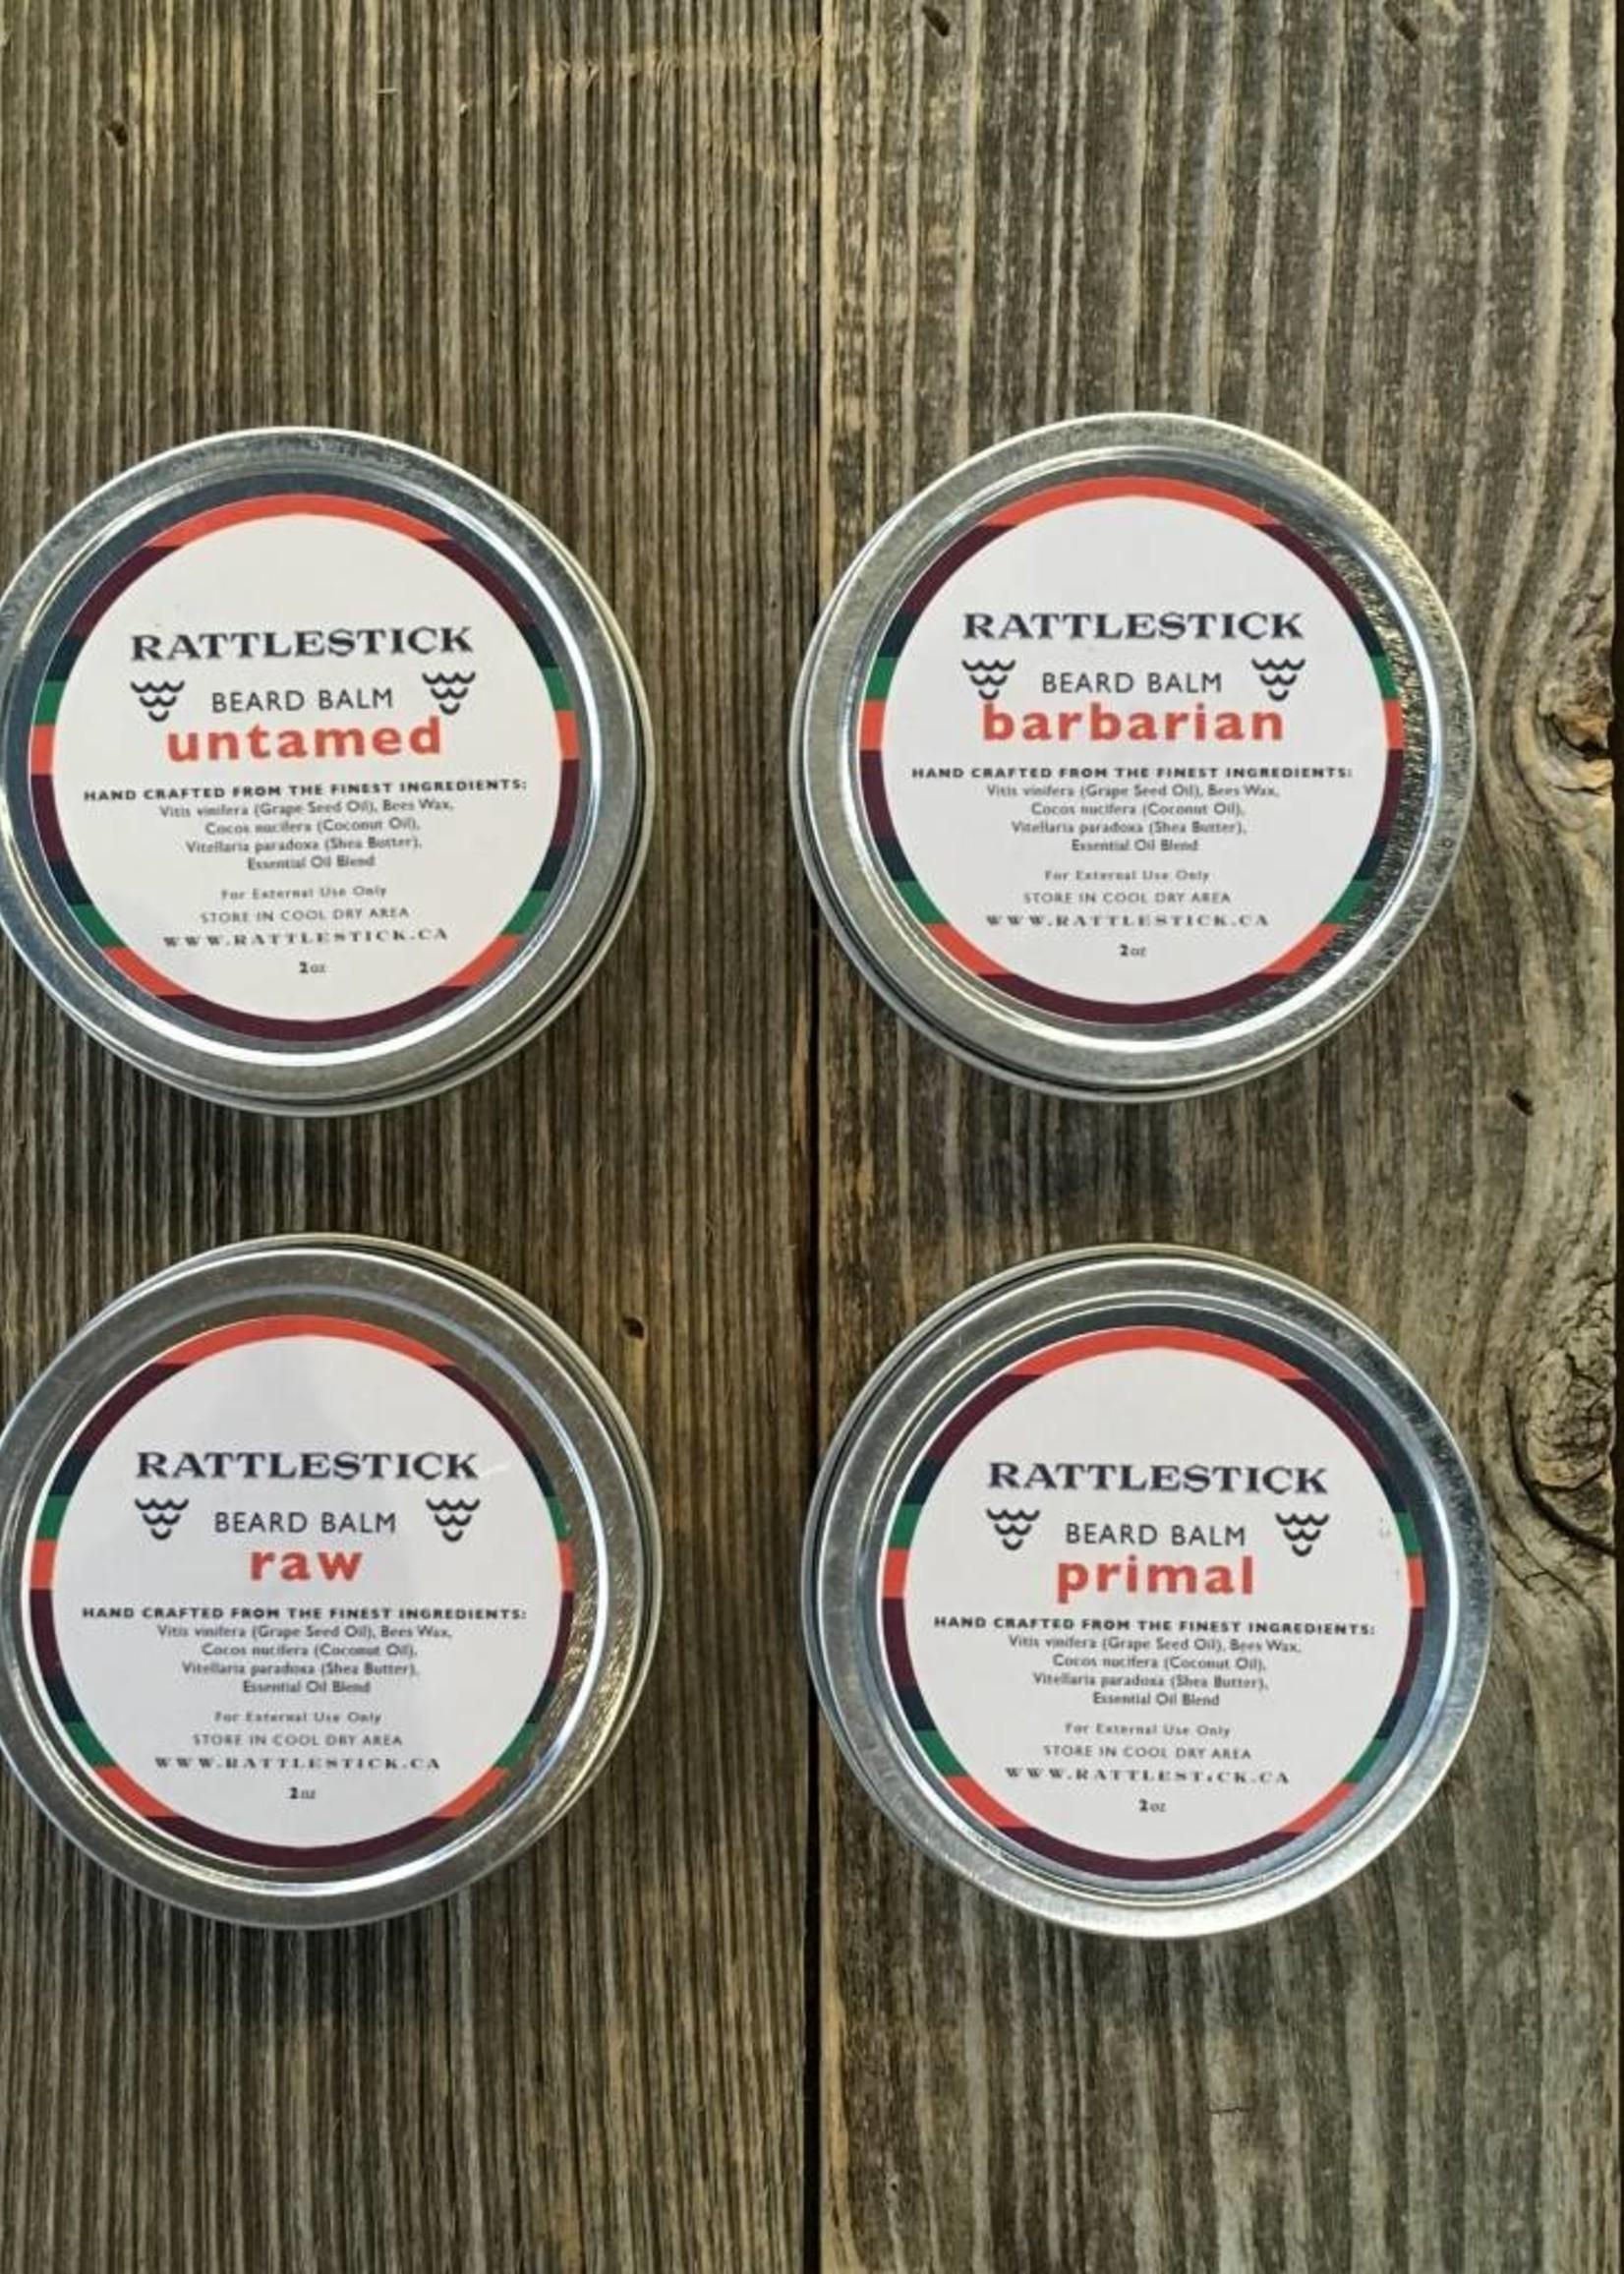 Rattlestick Rattlestick All Natural Hand Made Beard Balm